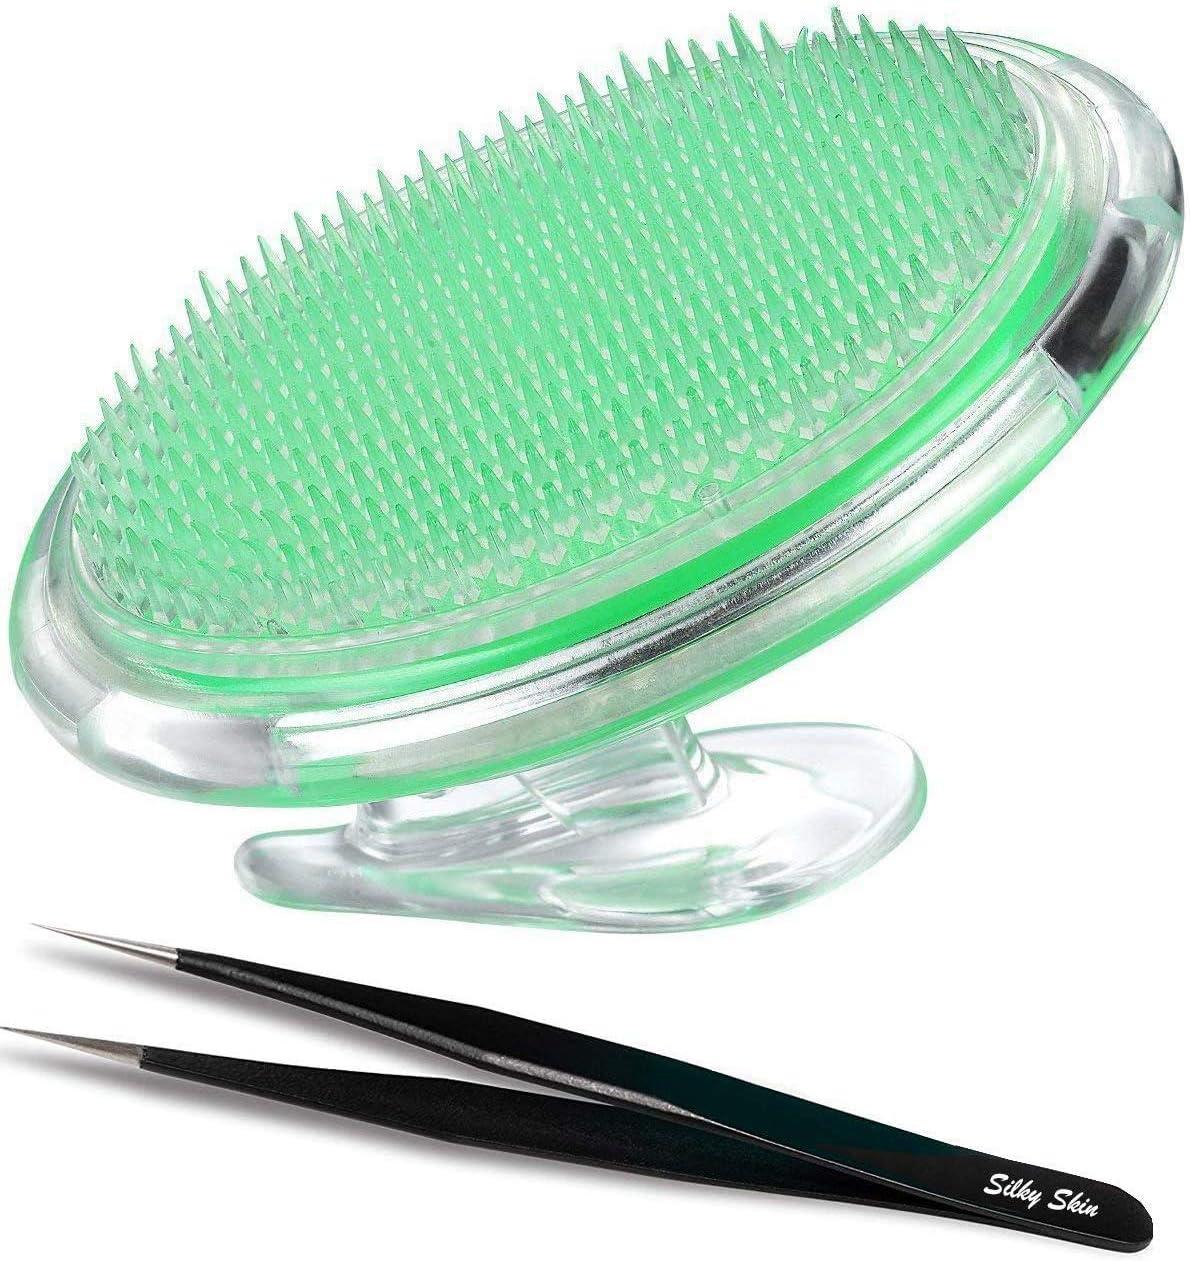 Cepillo exfoliante para prevenir el vello encarnado, para hombres y mujeres para el cuerpo. Elimina los golpes de afeitado, la irritación causada por el afeitado